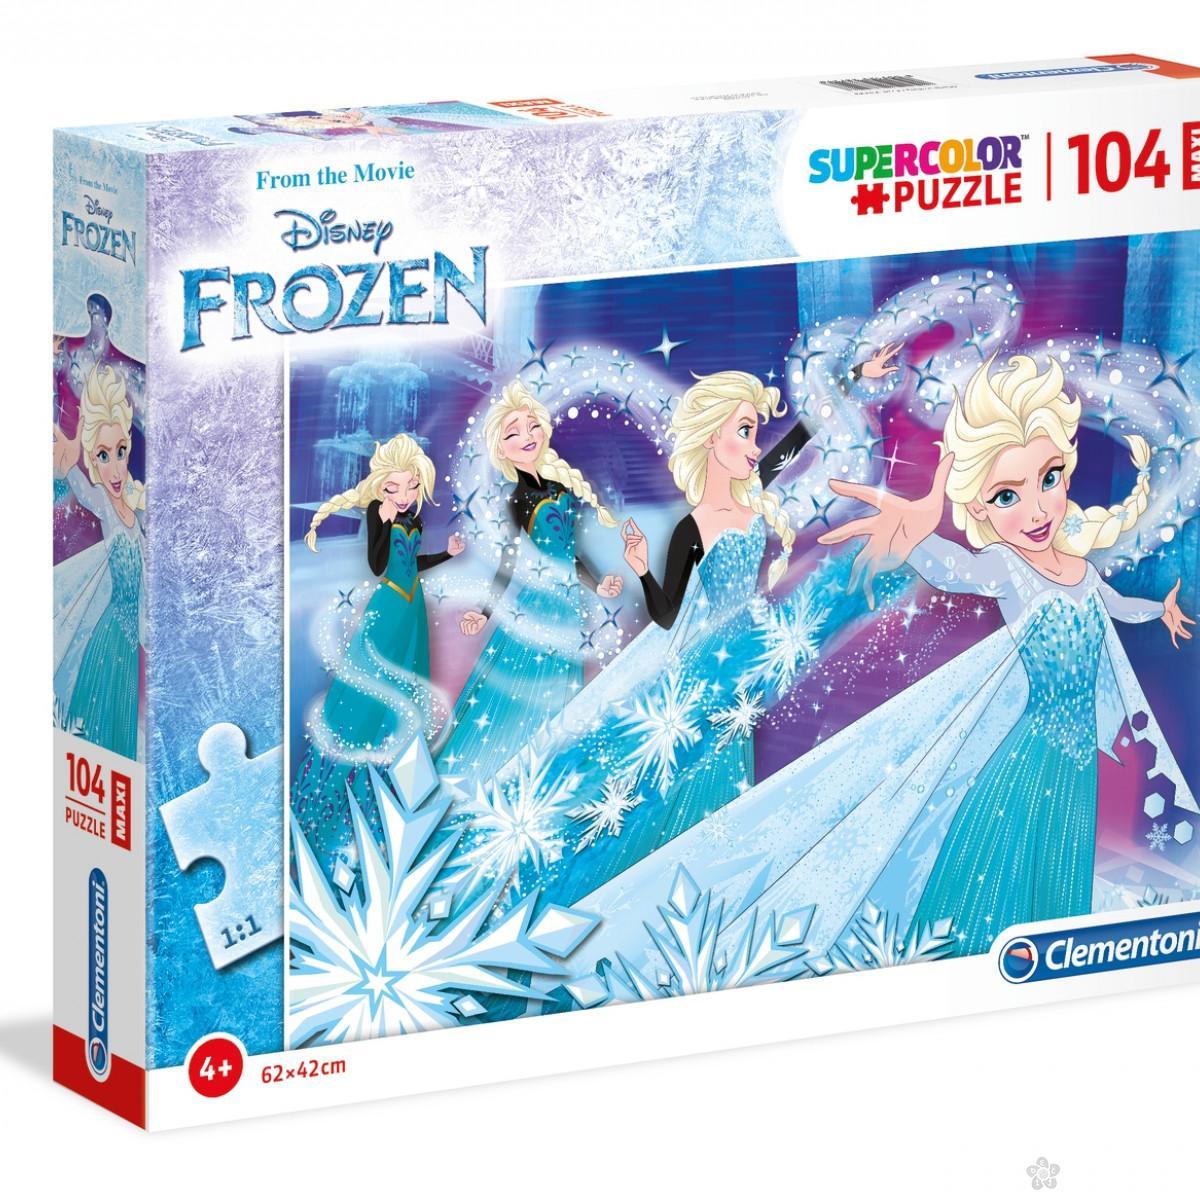 Puzzle 104 Maxi Frozen Clementoni, 23729